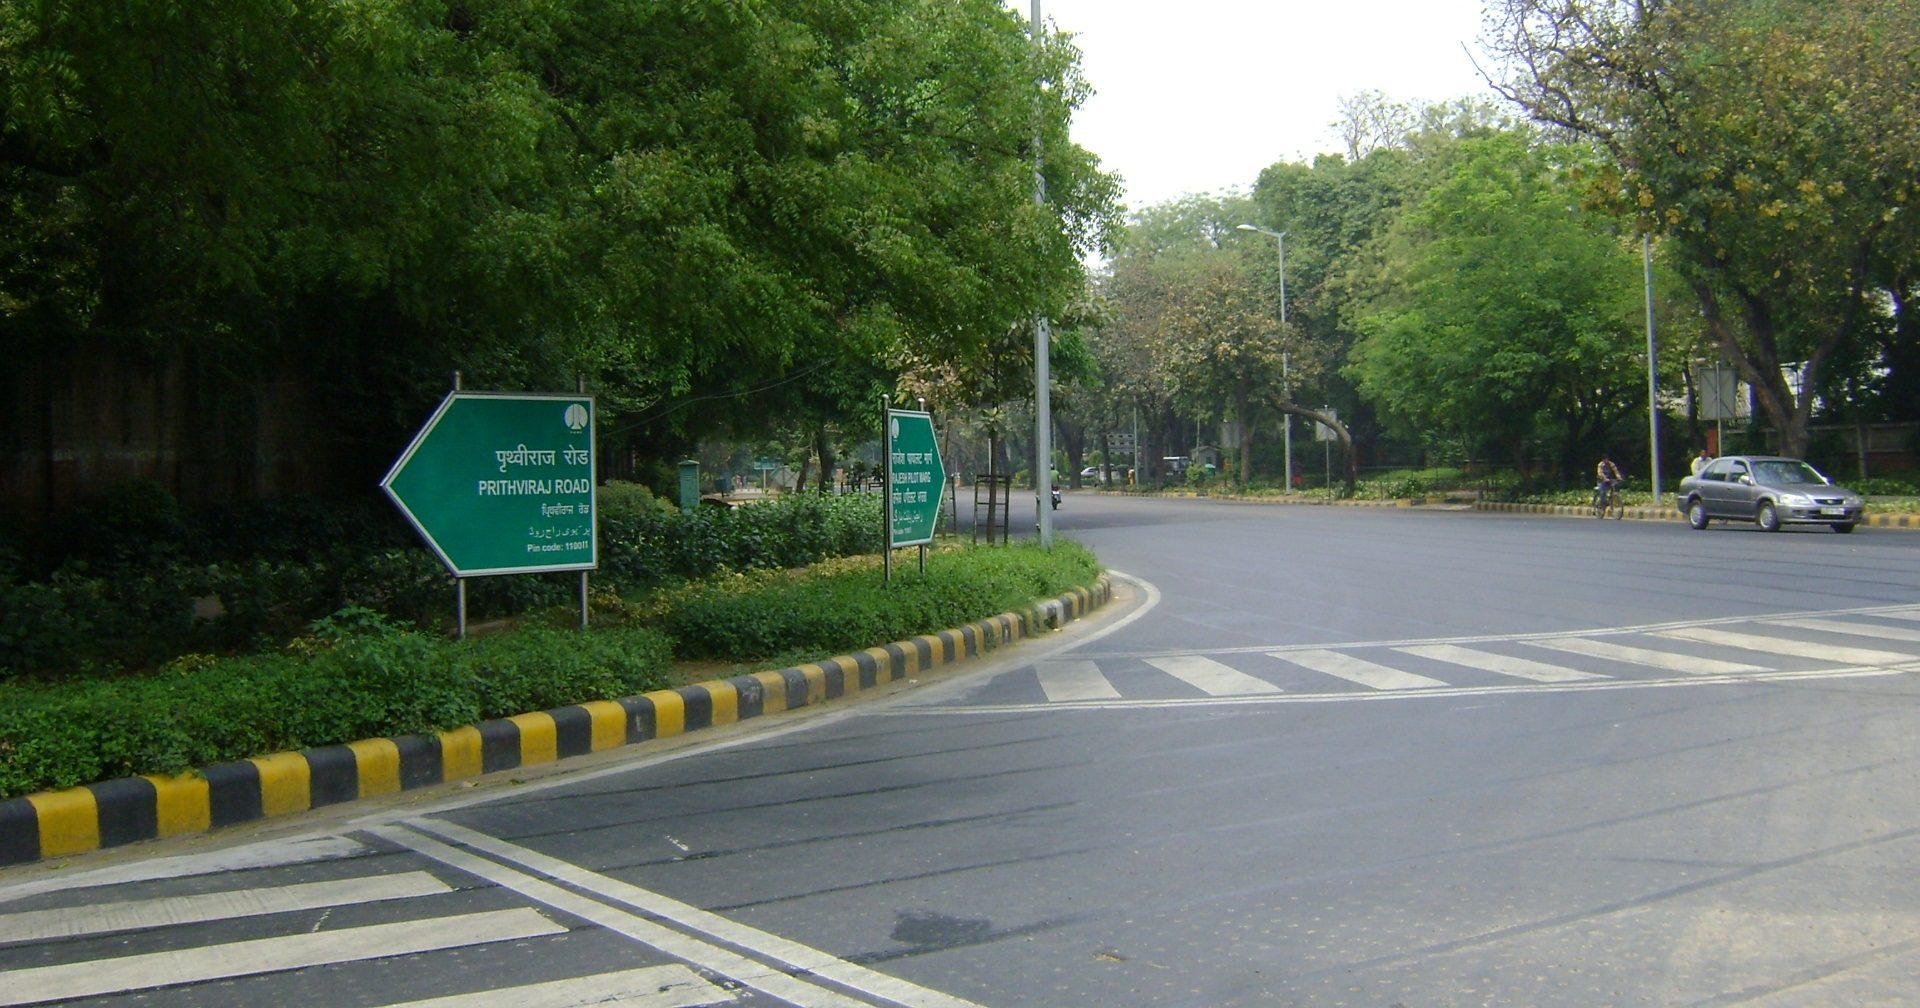 Prithviraj Road New Delhi